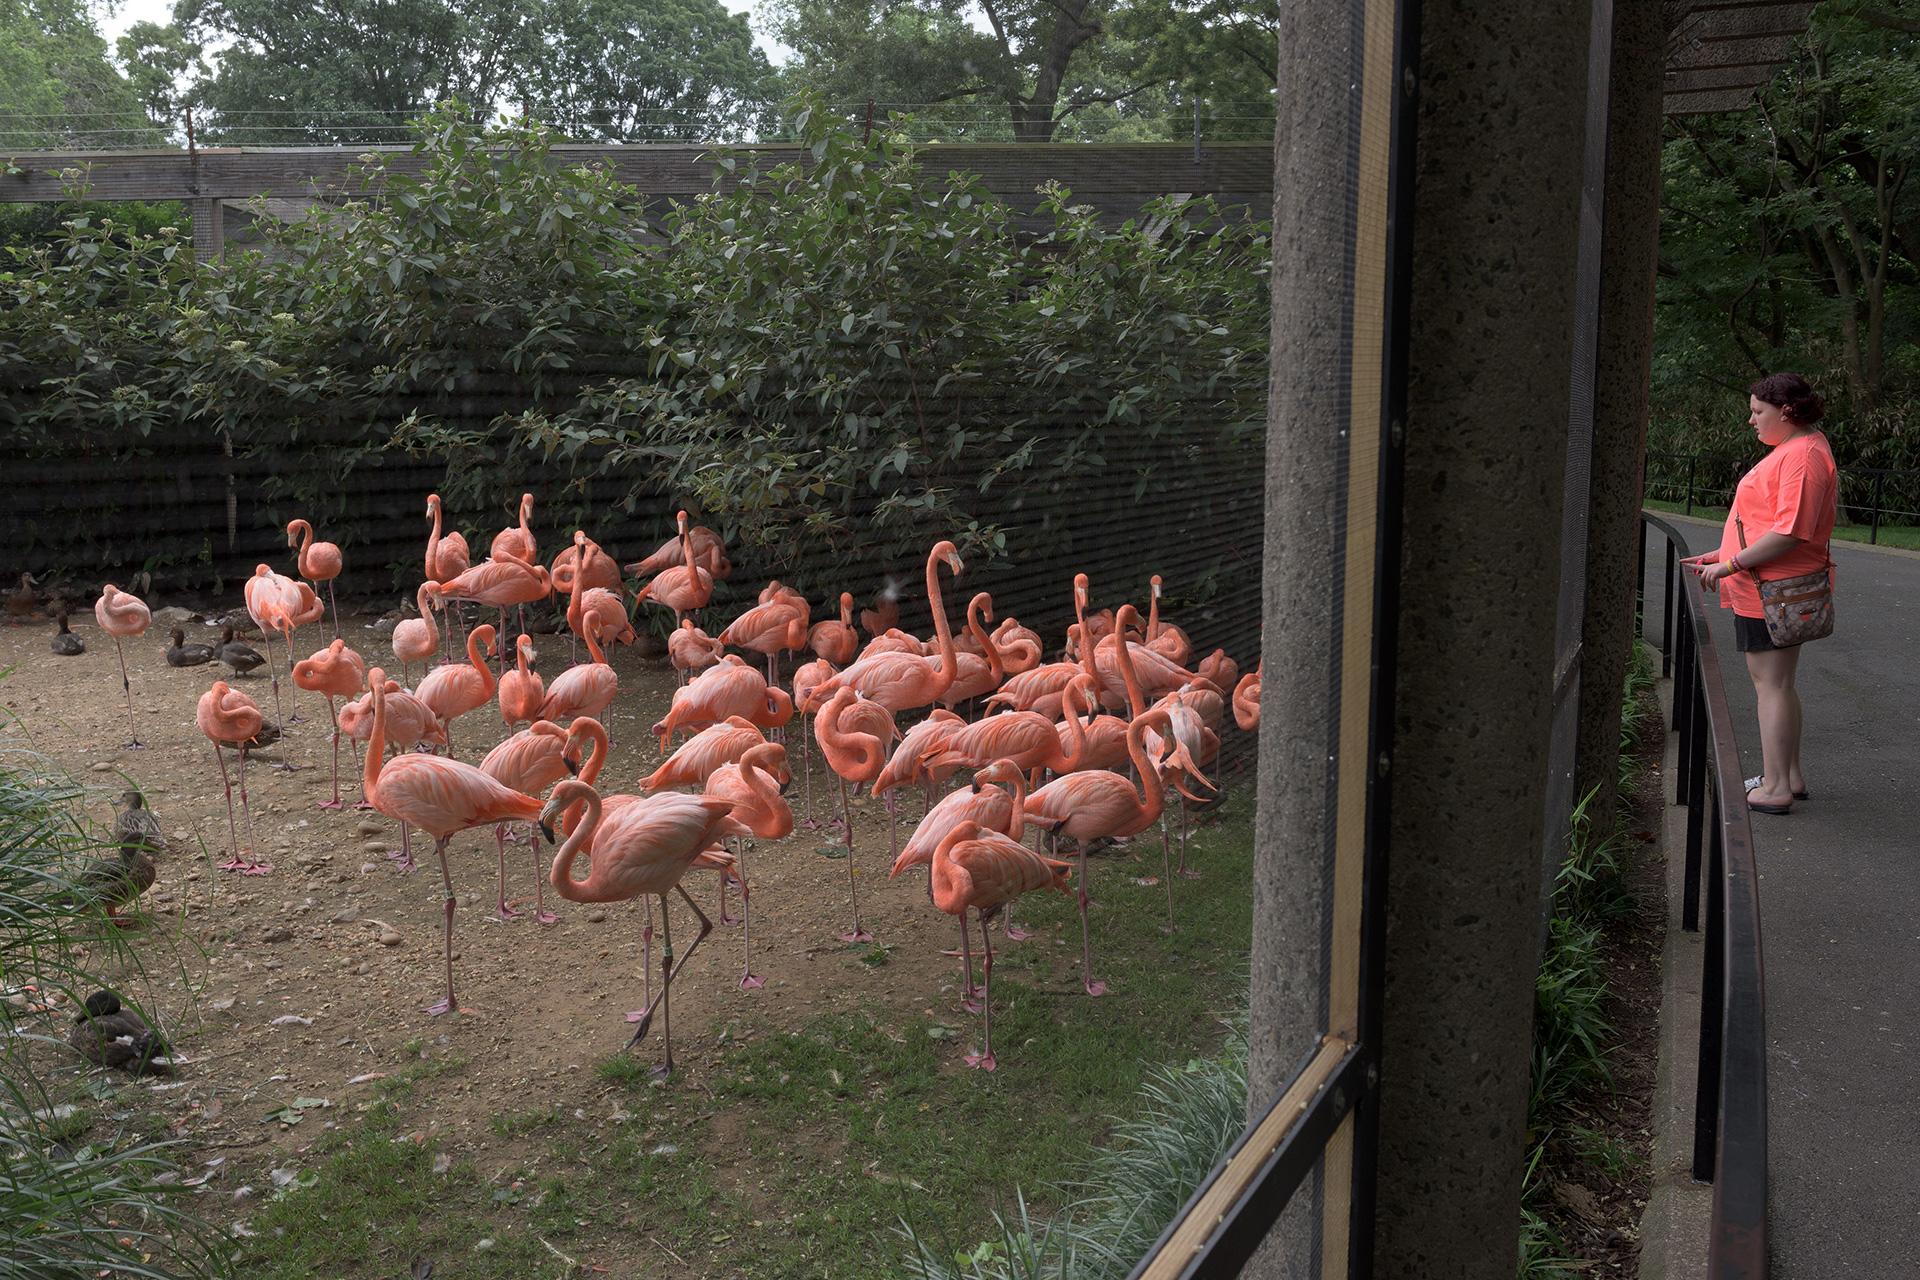 zoo-3262